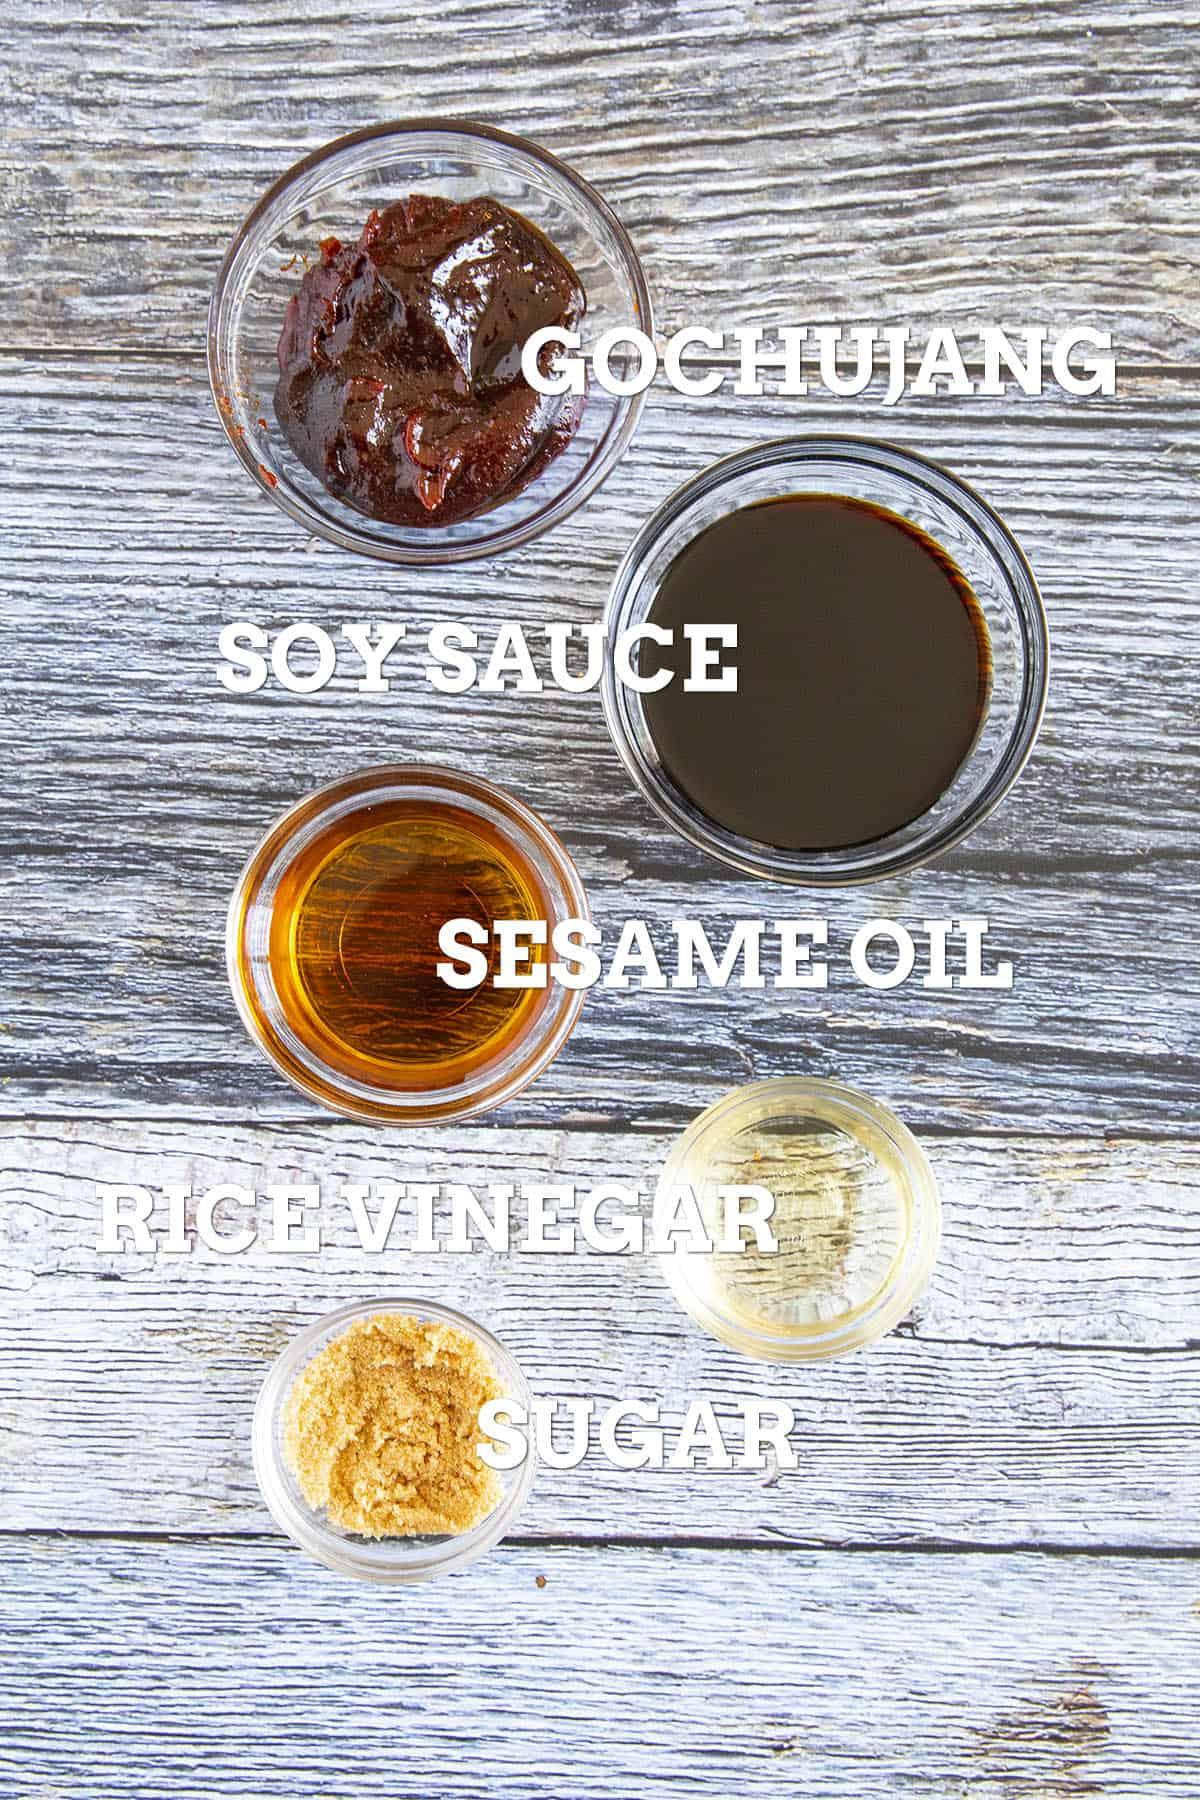 Gochujang Sauce ingredients